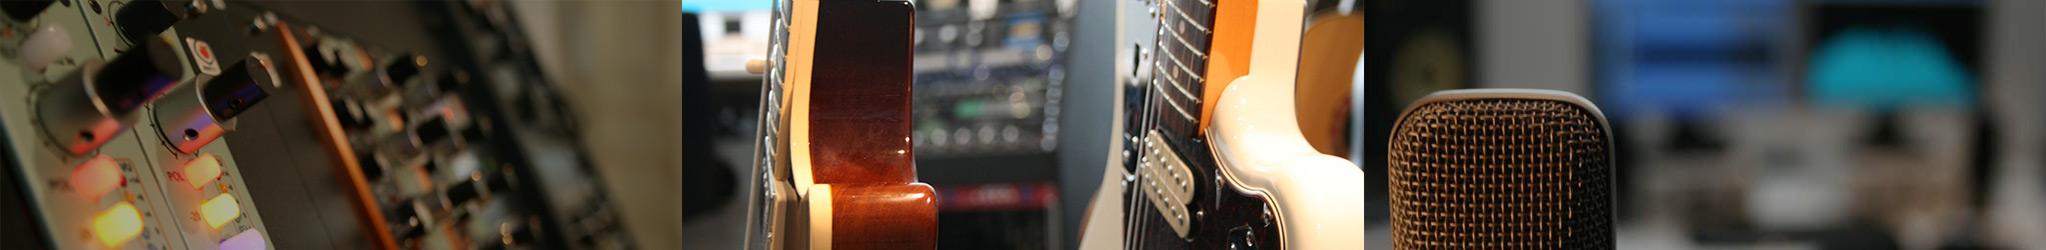 Slider-Soundfabrik-preise-1